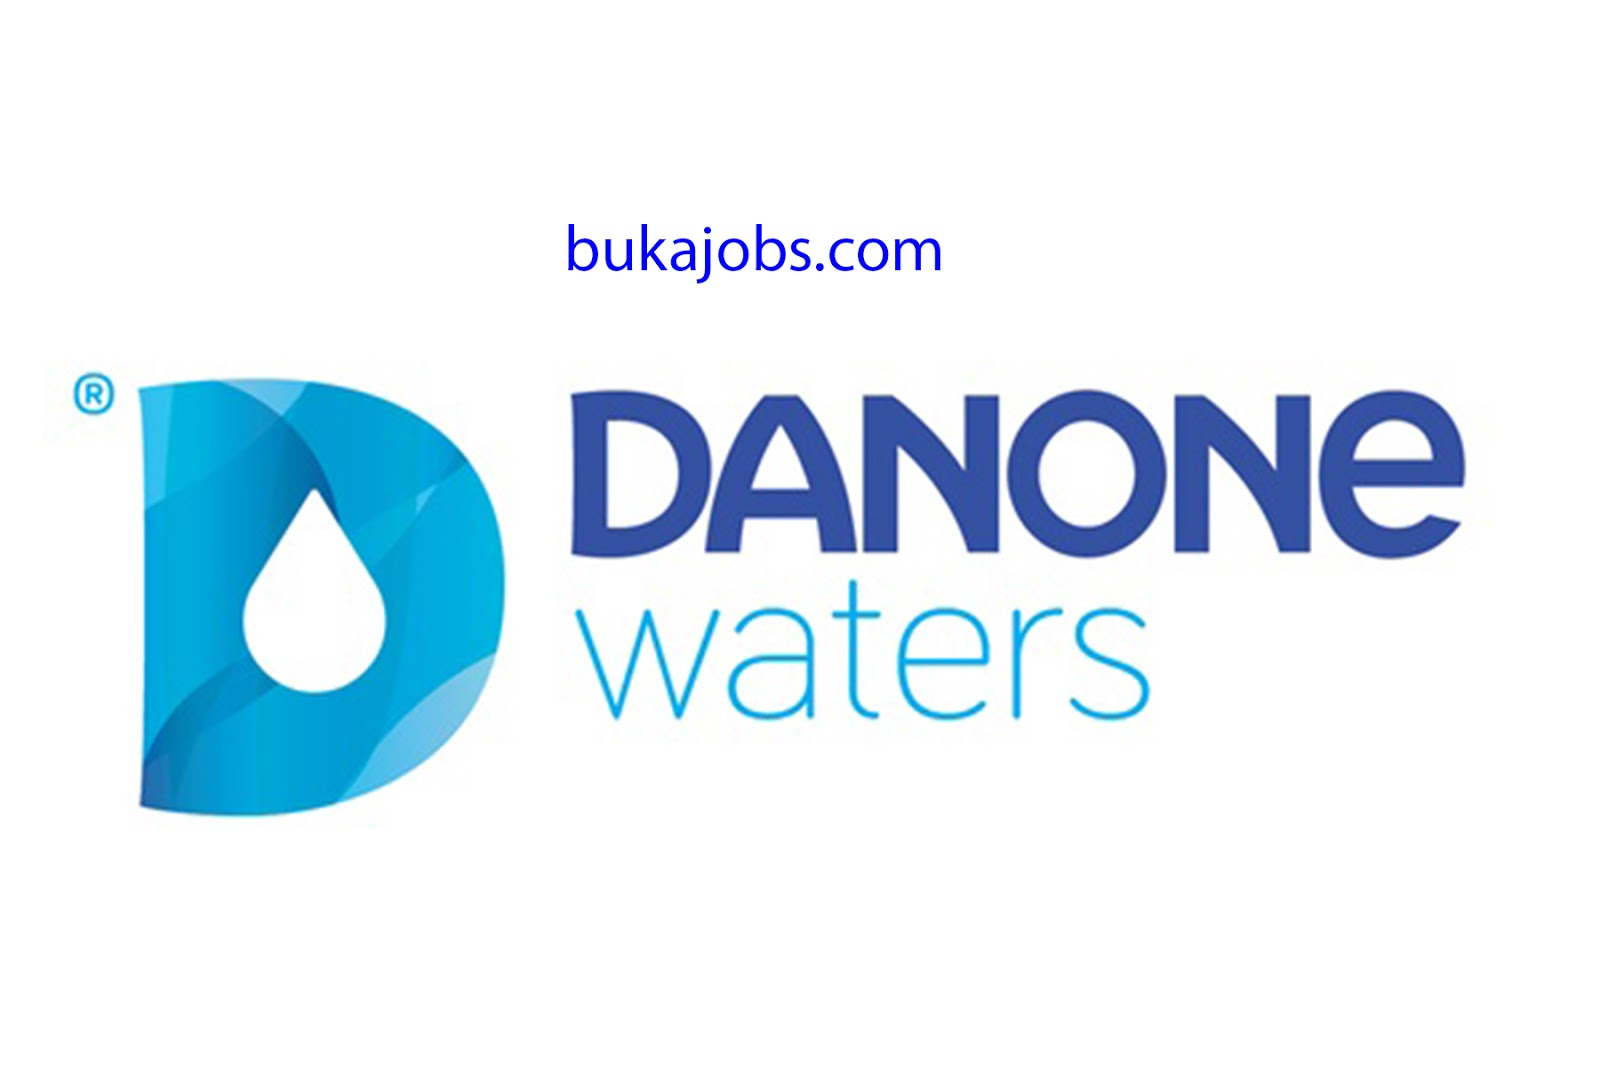 Lowongan Kerja PT. Danone Waters Indonesia Terbaru Januari 2019